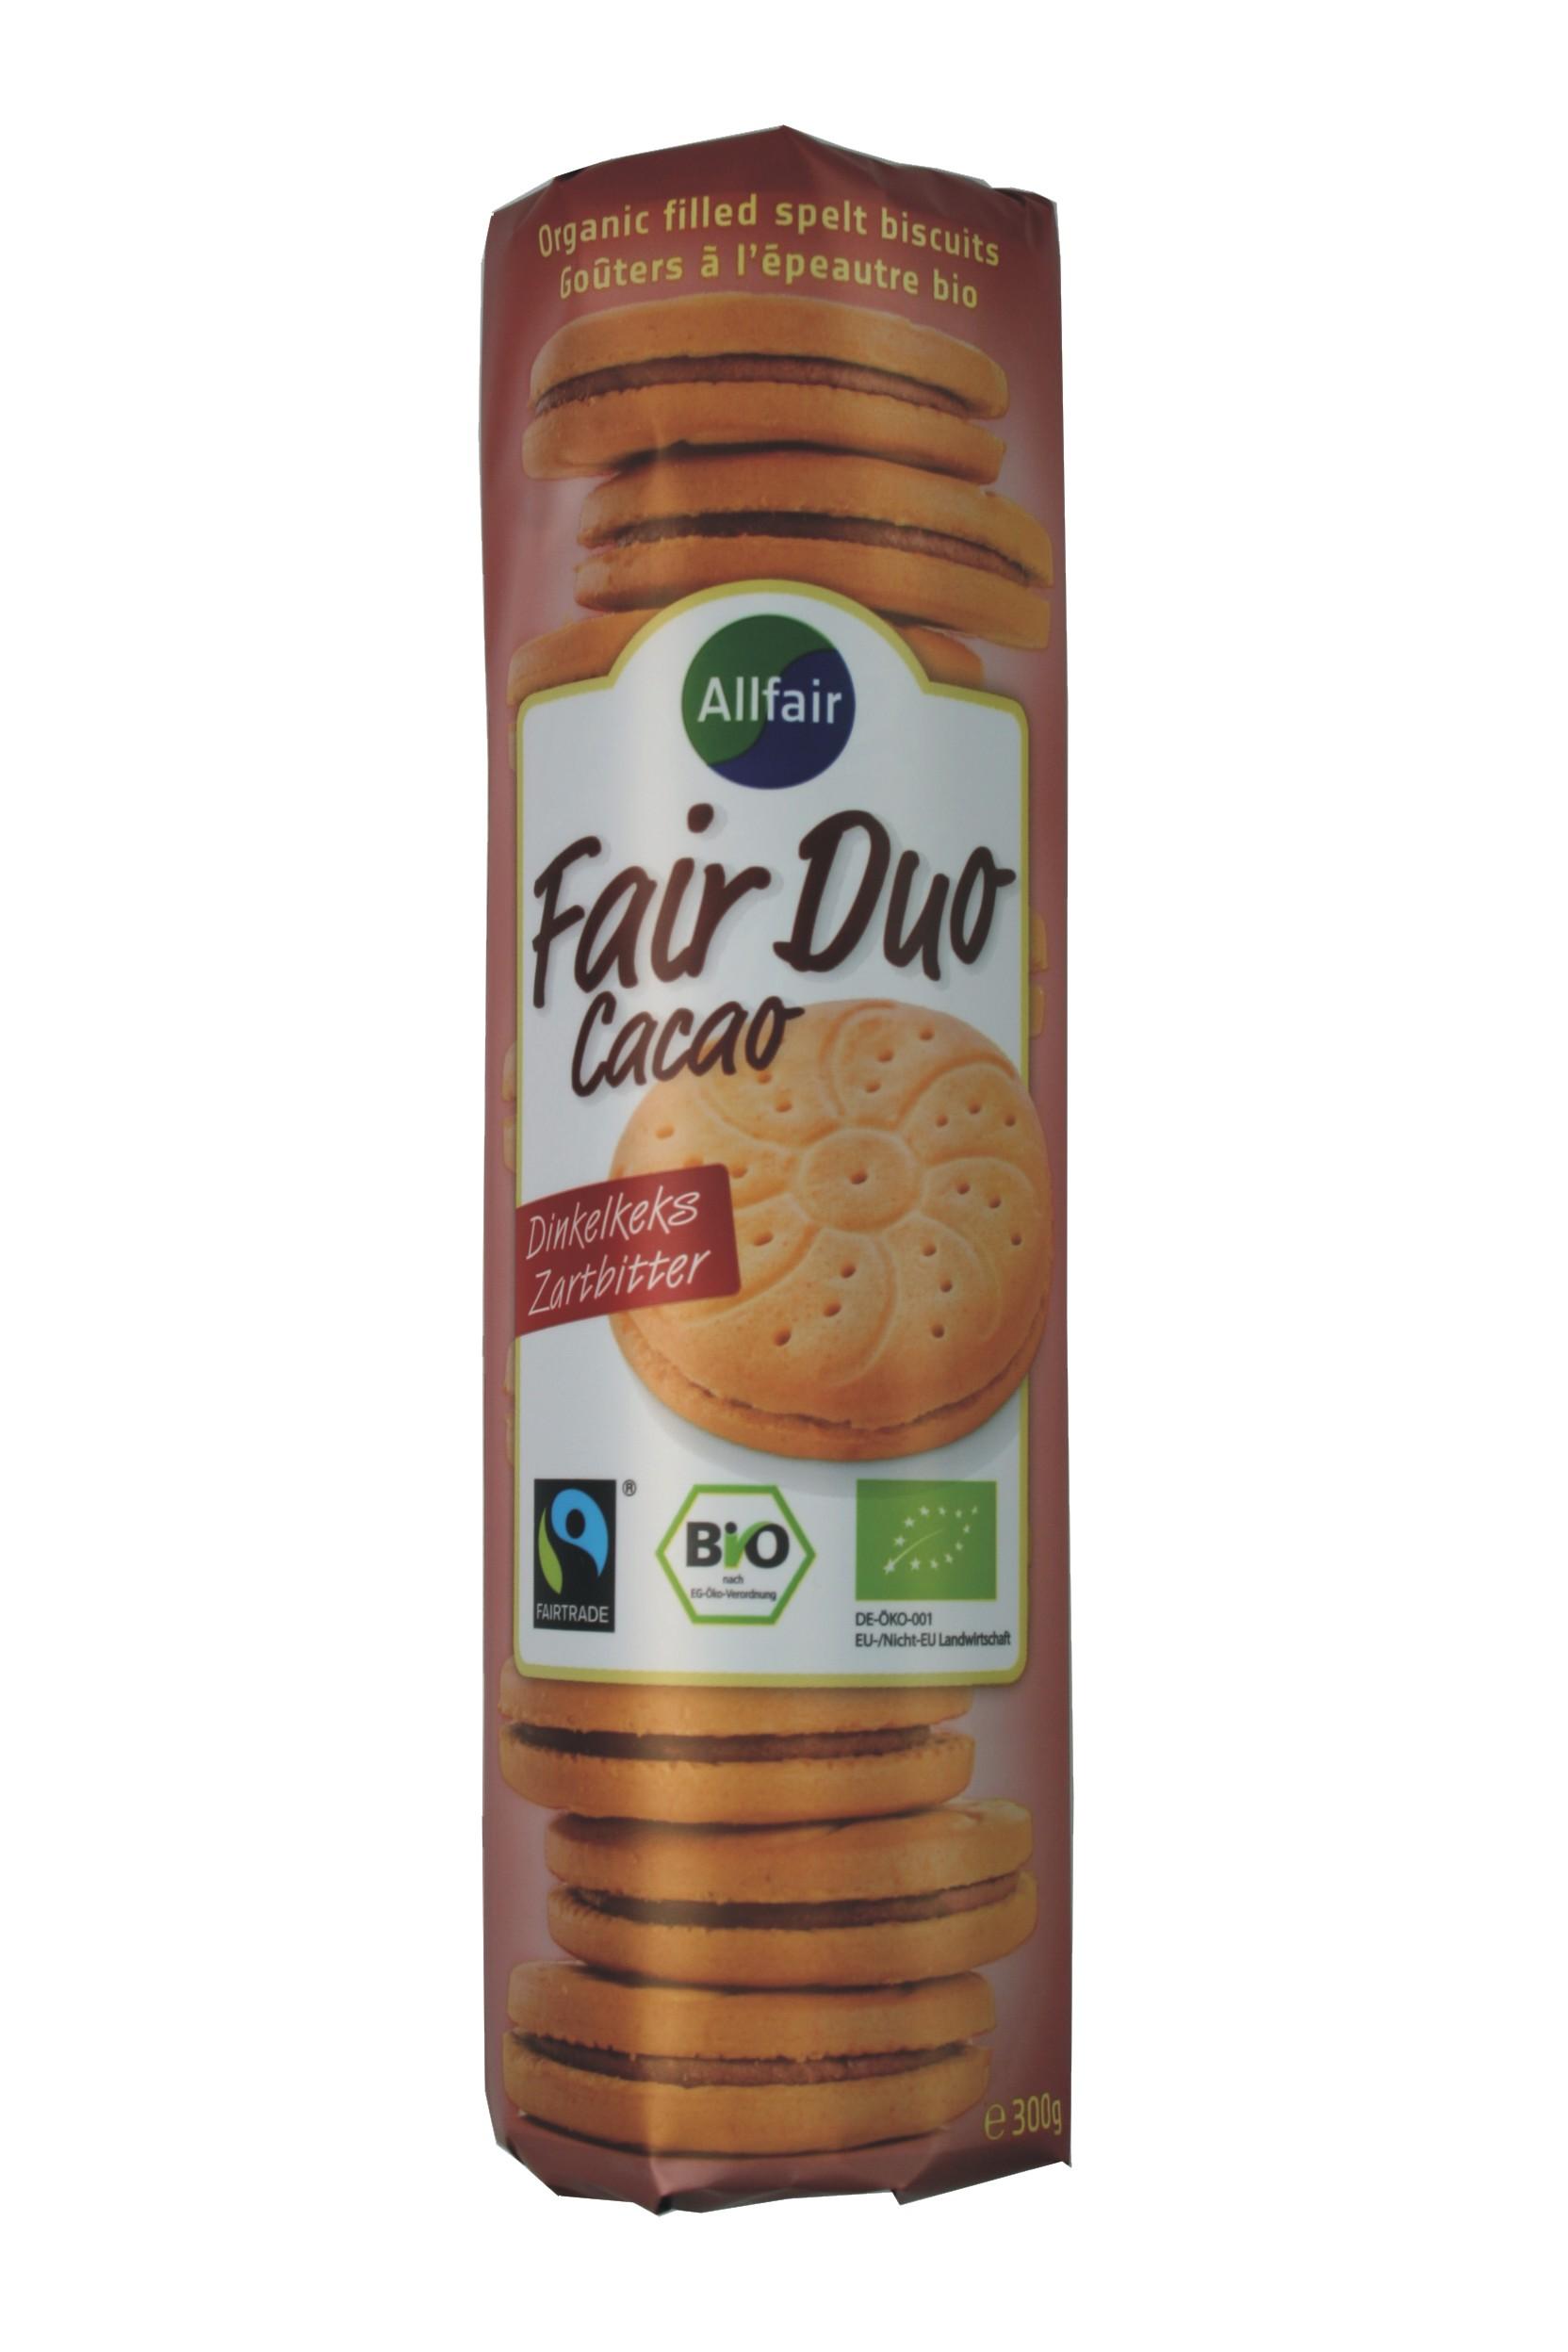 Fair Duo - Cacao, Dinkelkeks Zartbitter